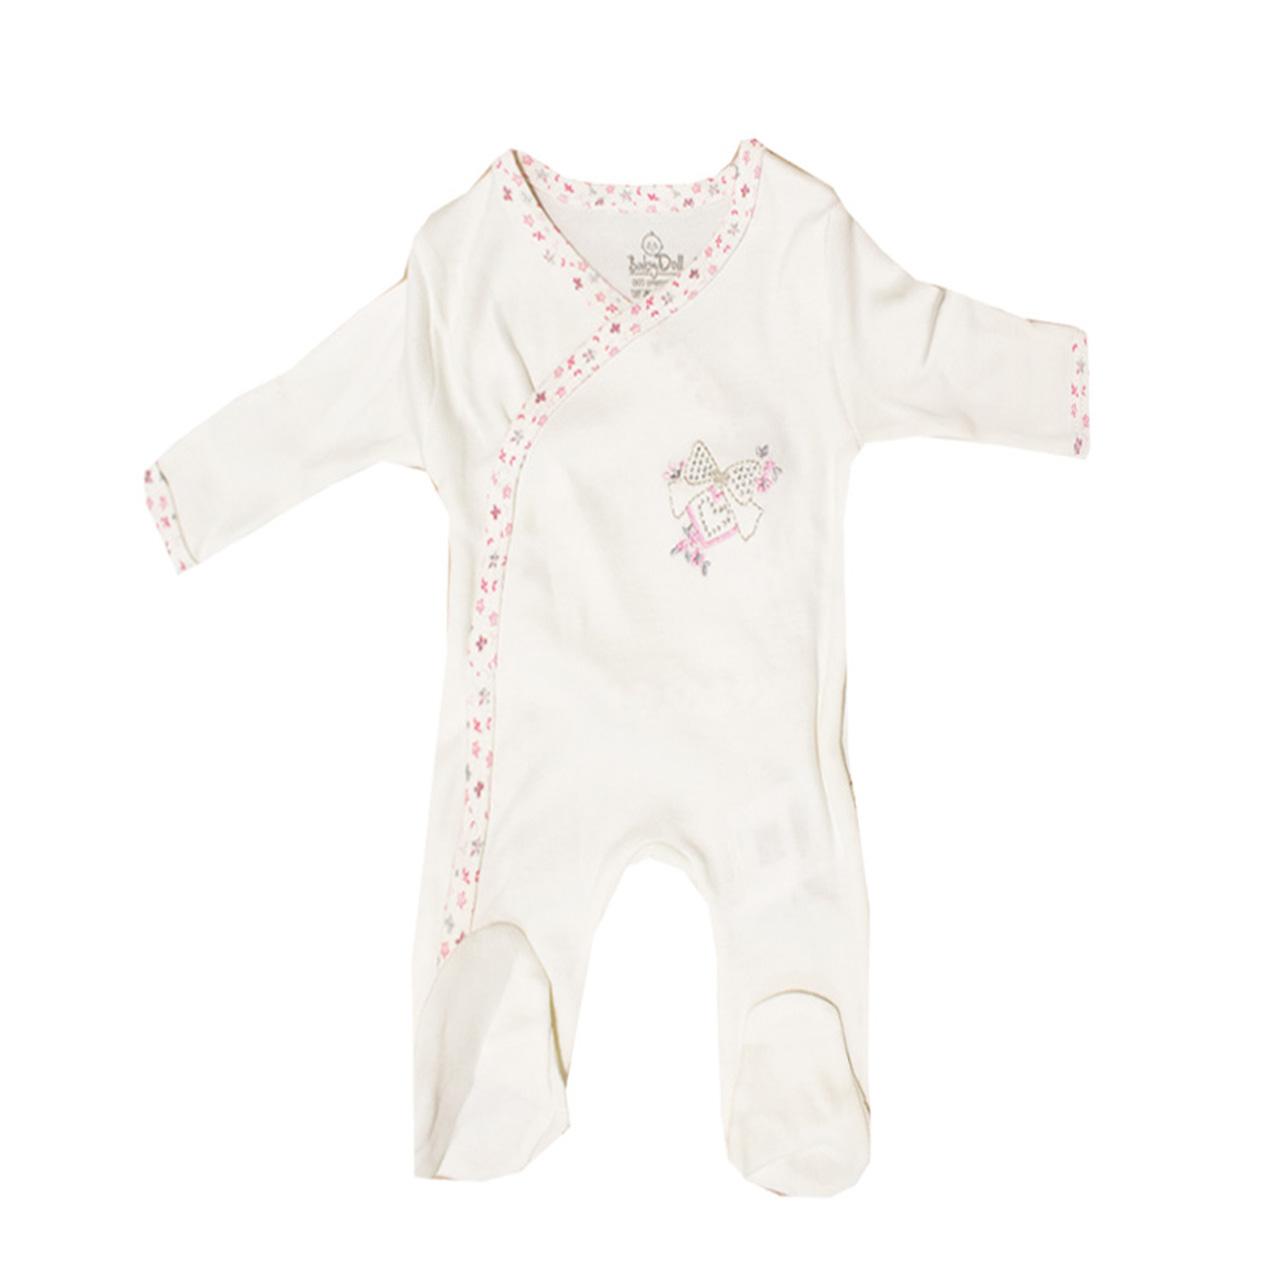 لباس سرهمی بیبی دال مدل 4833 White